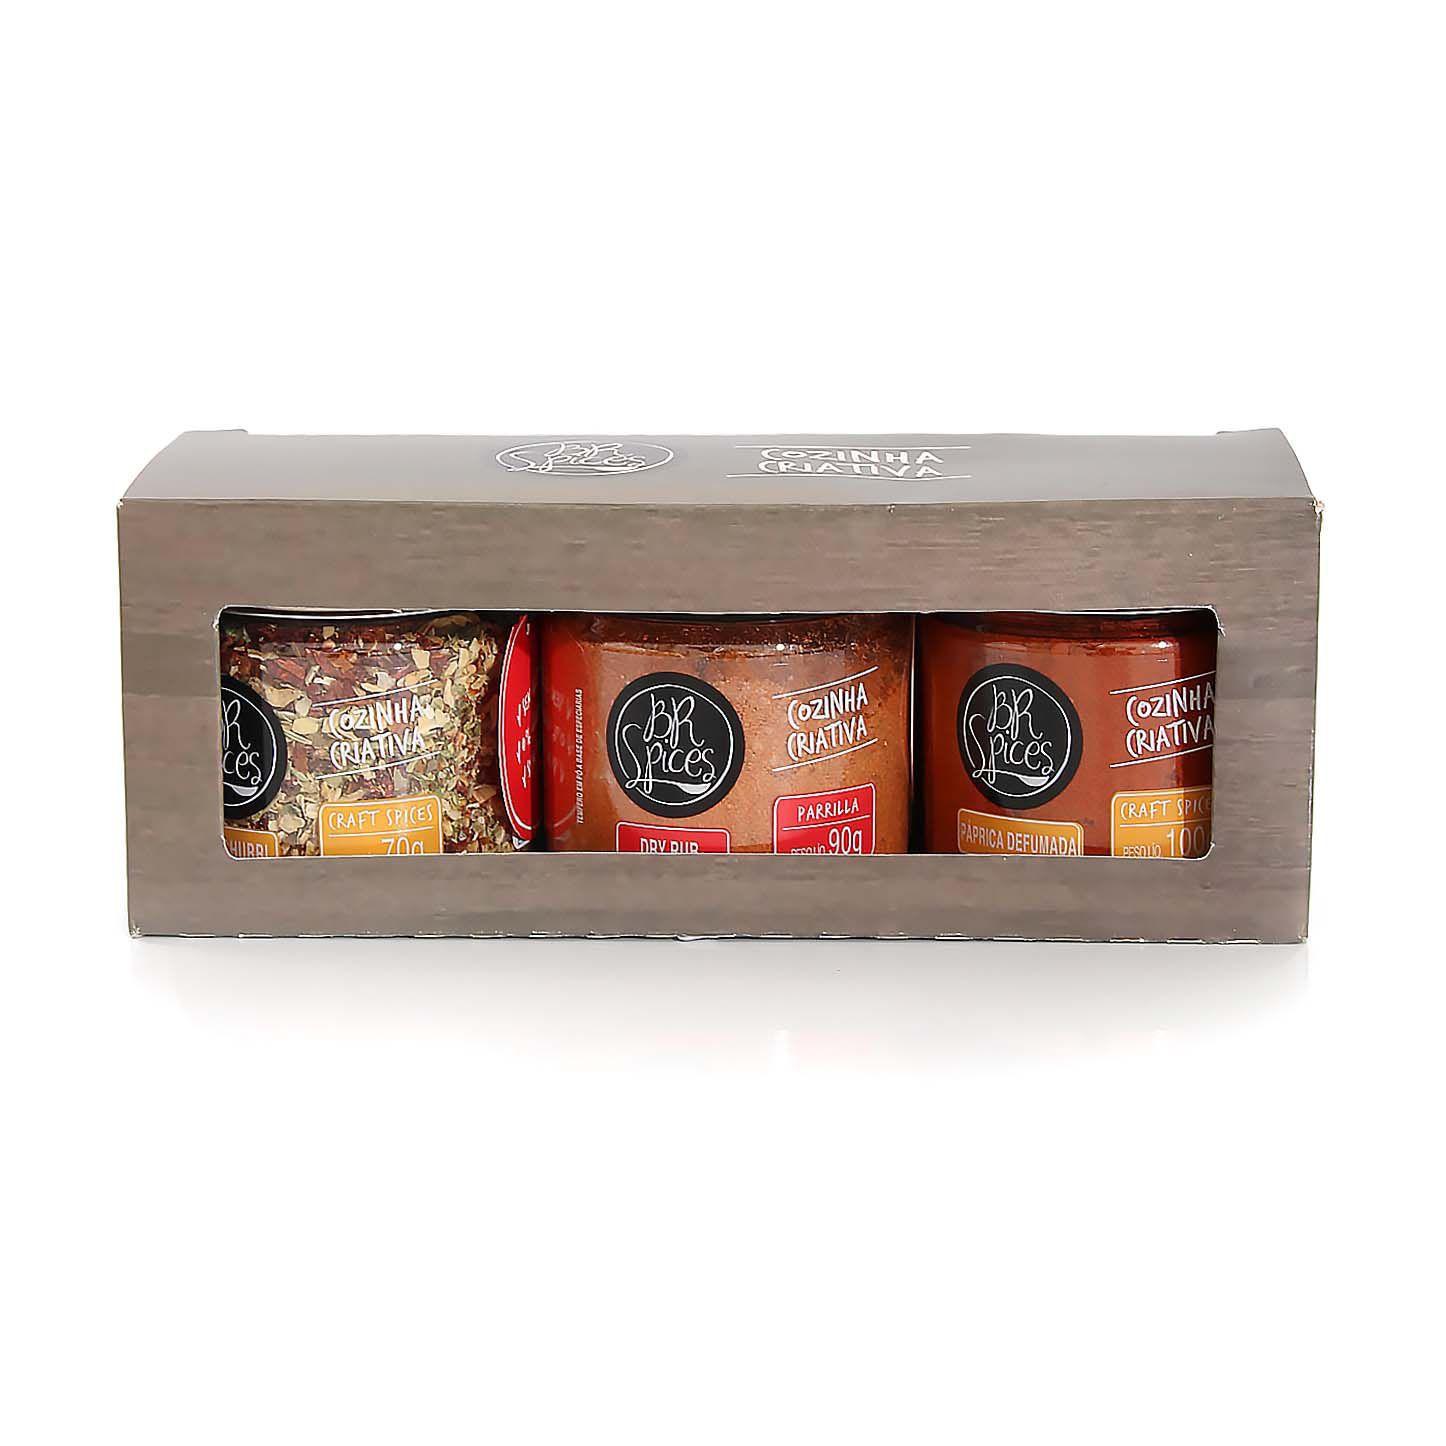 Temperos para churrasco - Kit BR Spices  3 potes